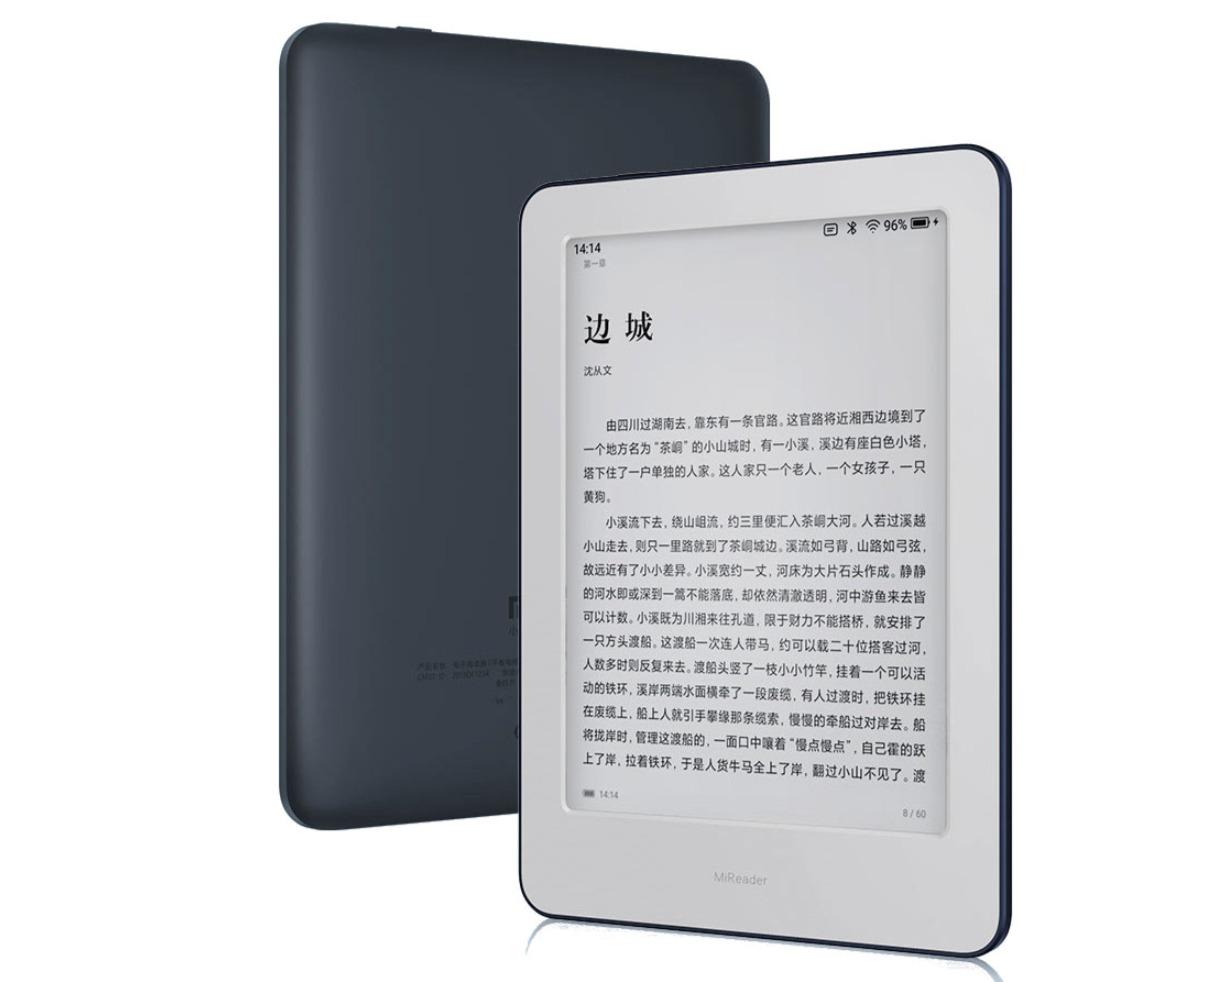 Xiaomi hat eigenen Mi Reader mit USB-C und Android vorgestellt